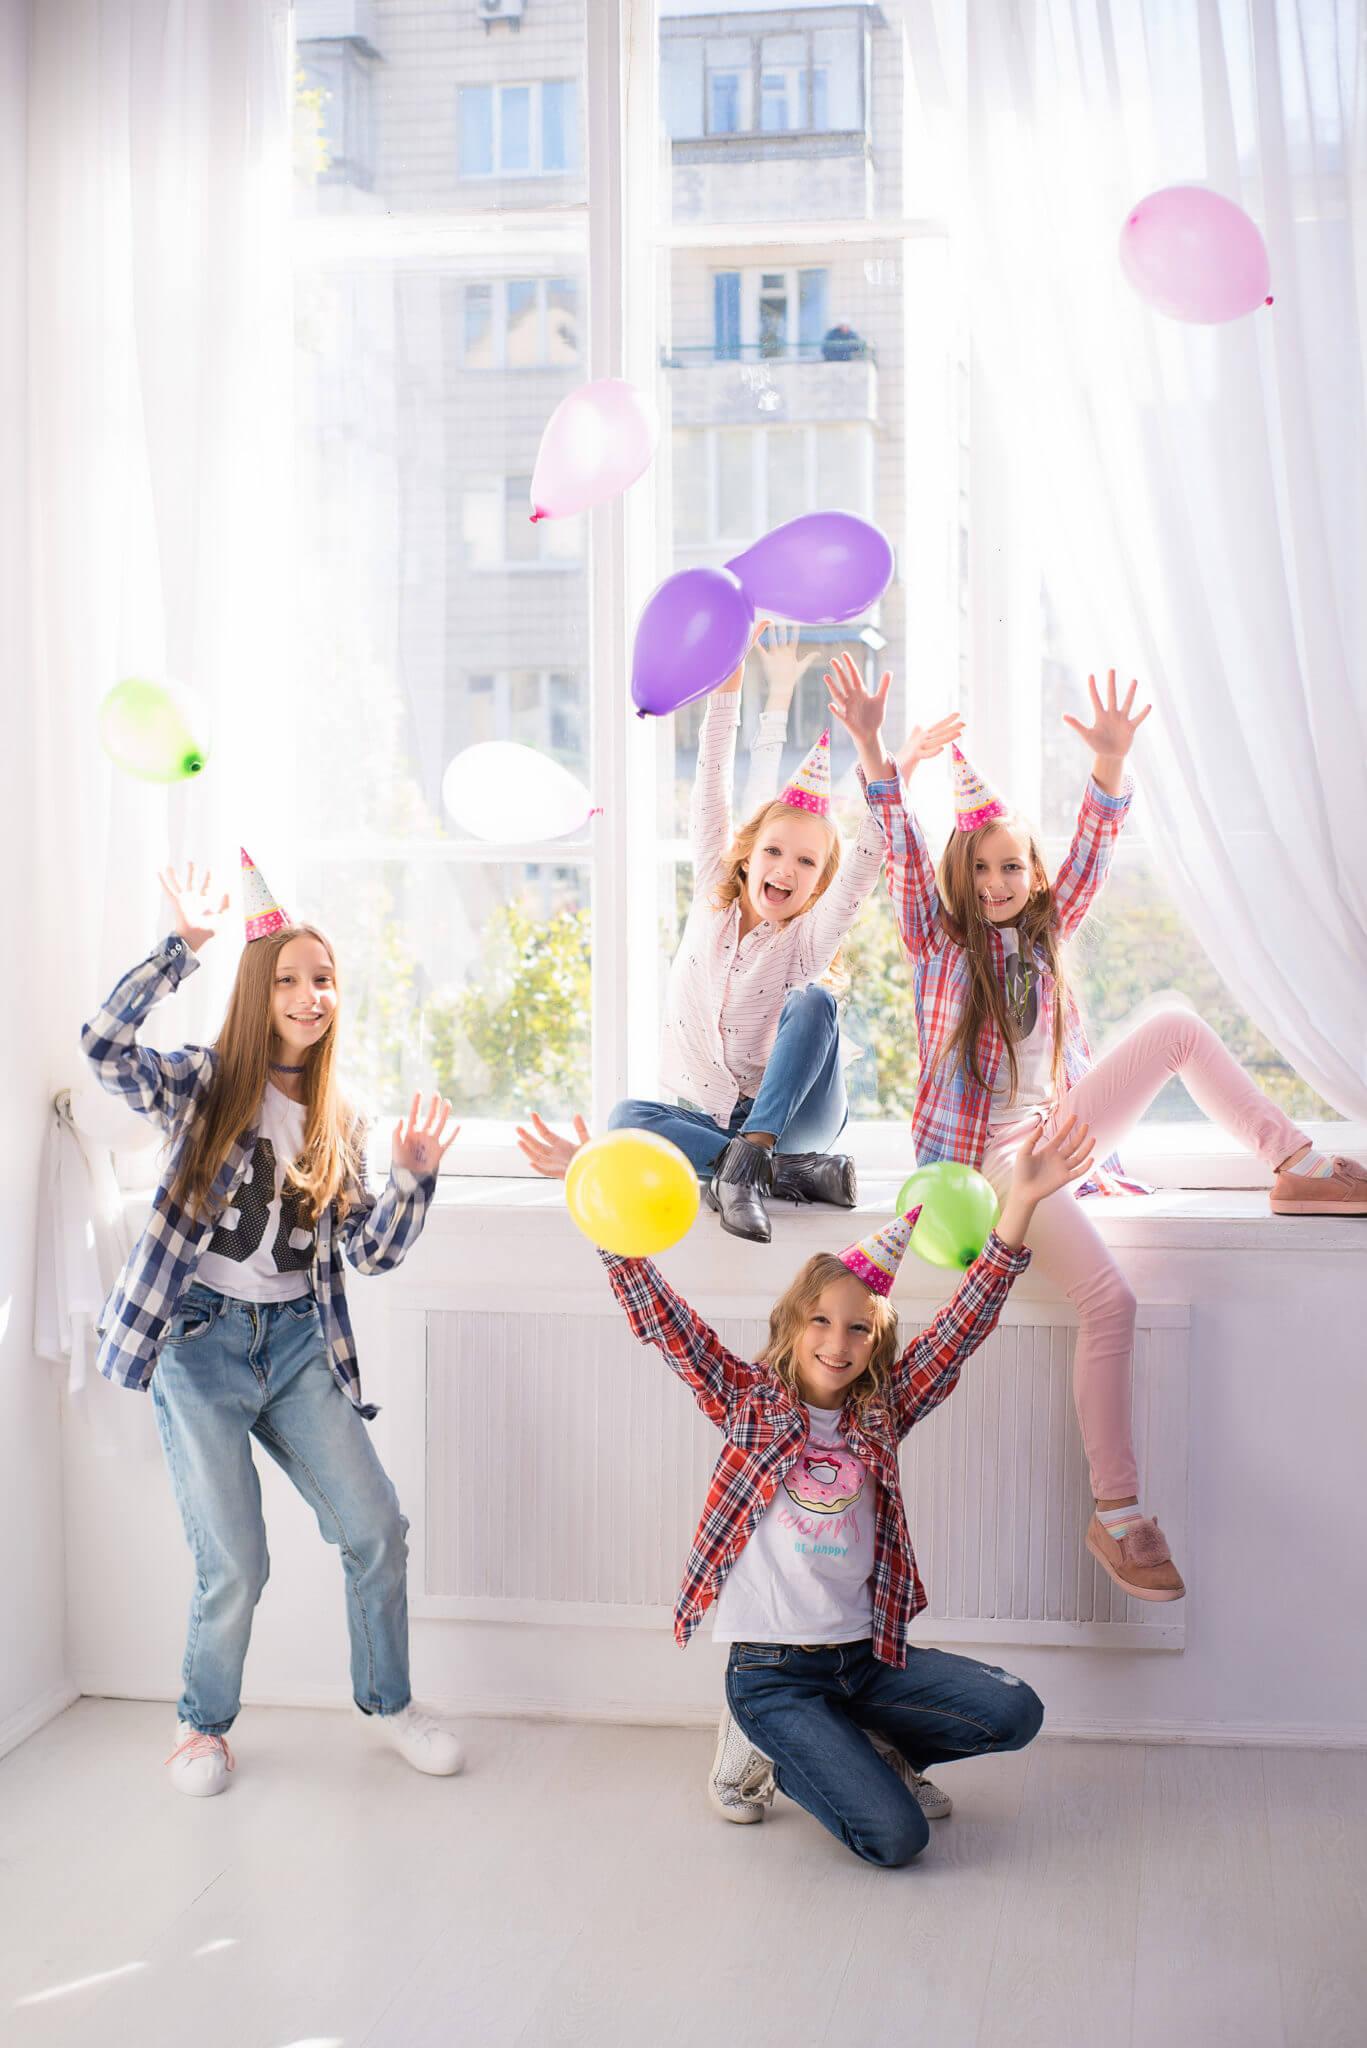 Девичник в студии, фотограф Алиса Постникова. 4 девочки на фоне окна, в руках и над головами шарики